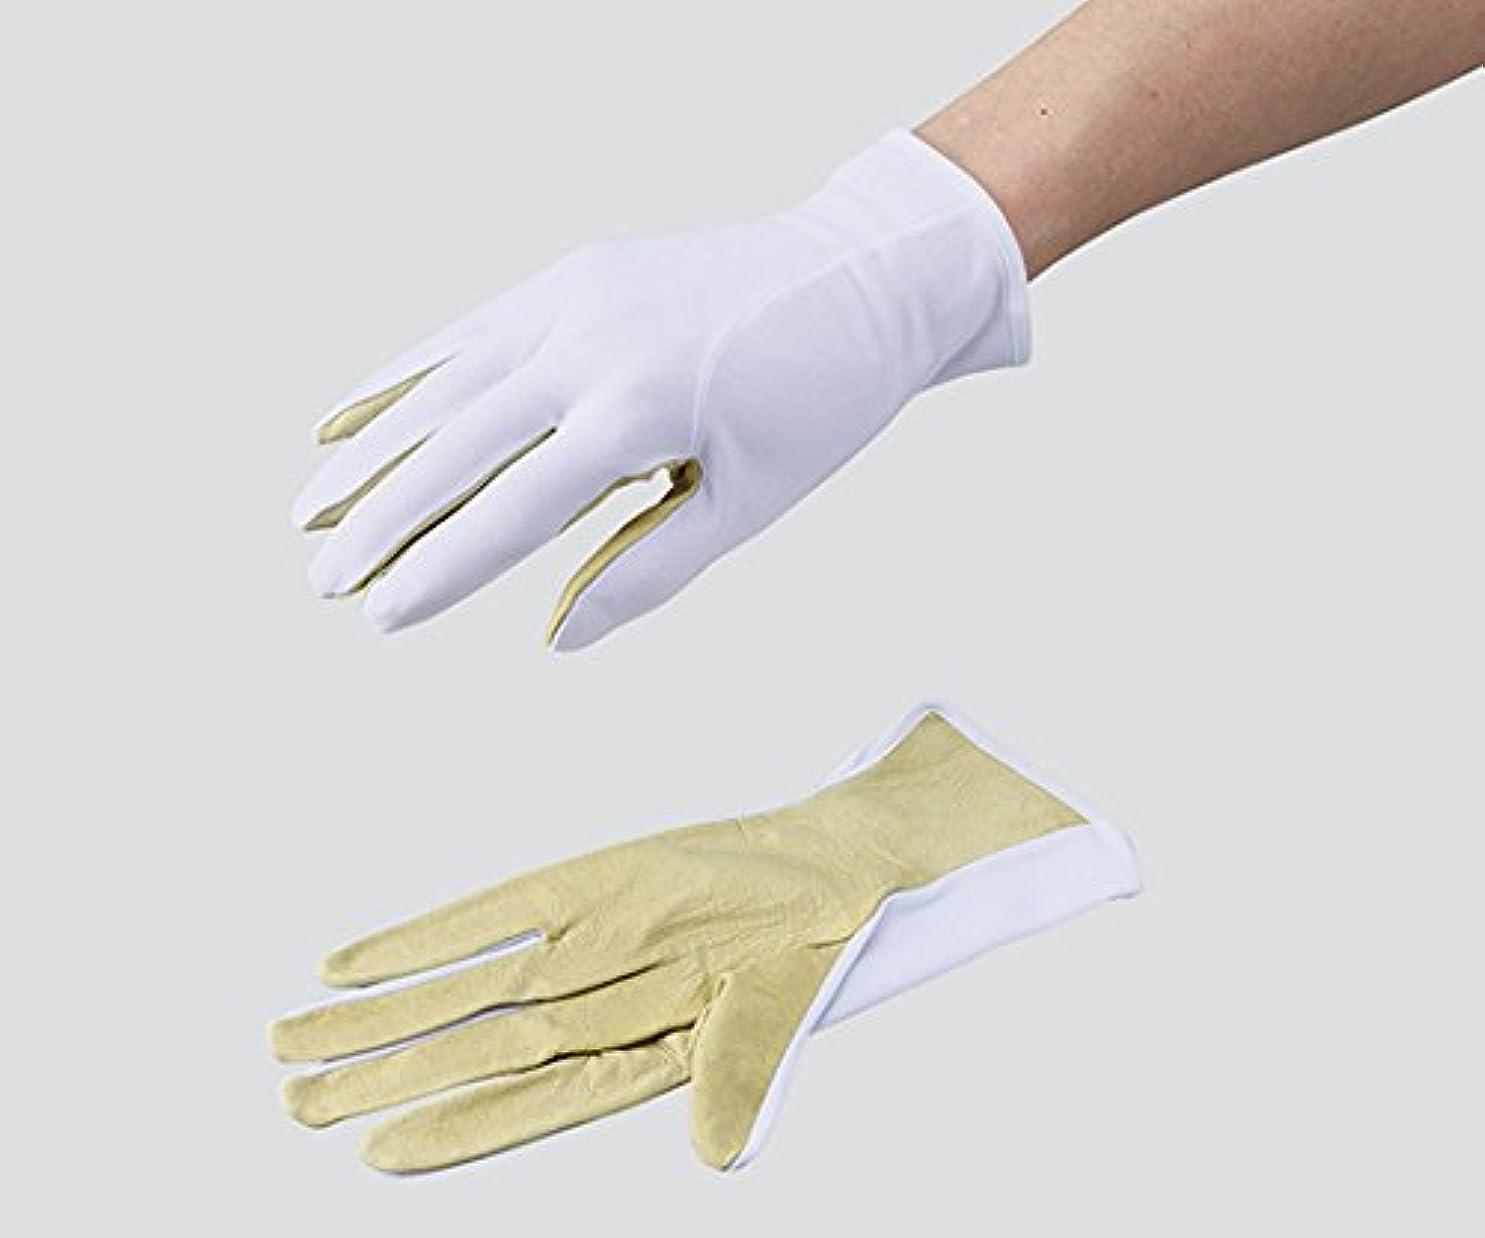 リクルート昆虫を見るアクティブ3-6076-02革手ライナー手袋ポップハンド(R)MP-805